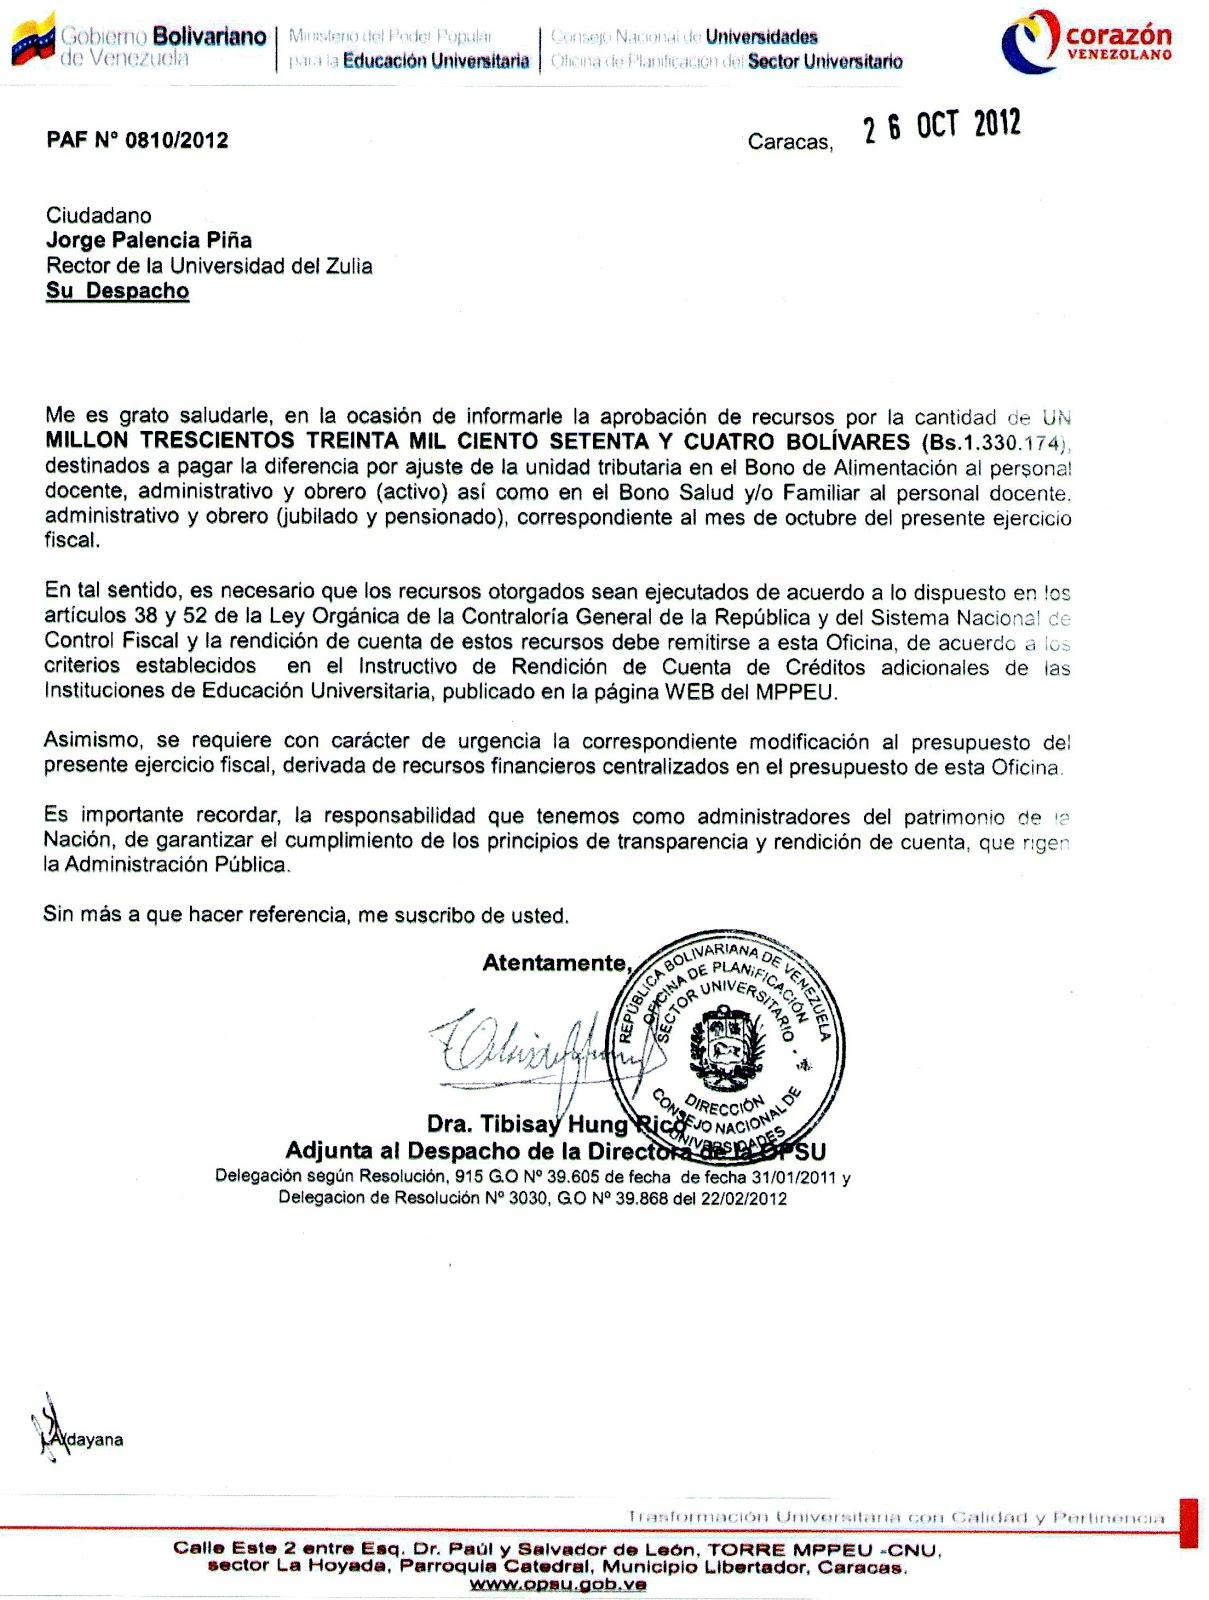 Apuz fces y contexto unive octubre 2012 for Banco de venezuela solicitud de chequera